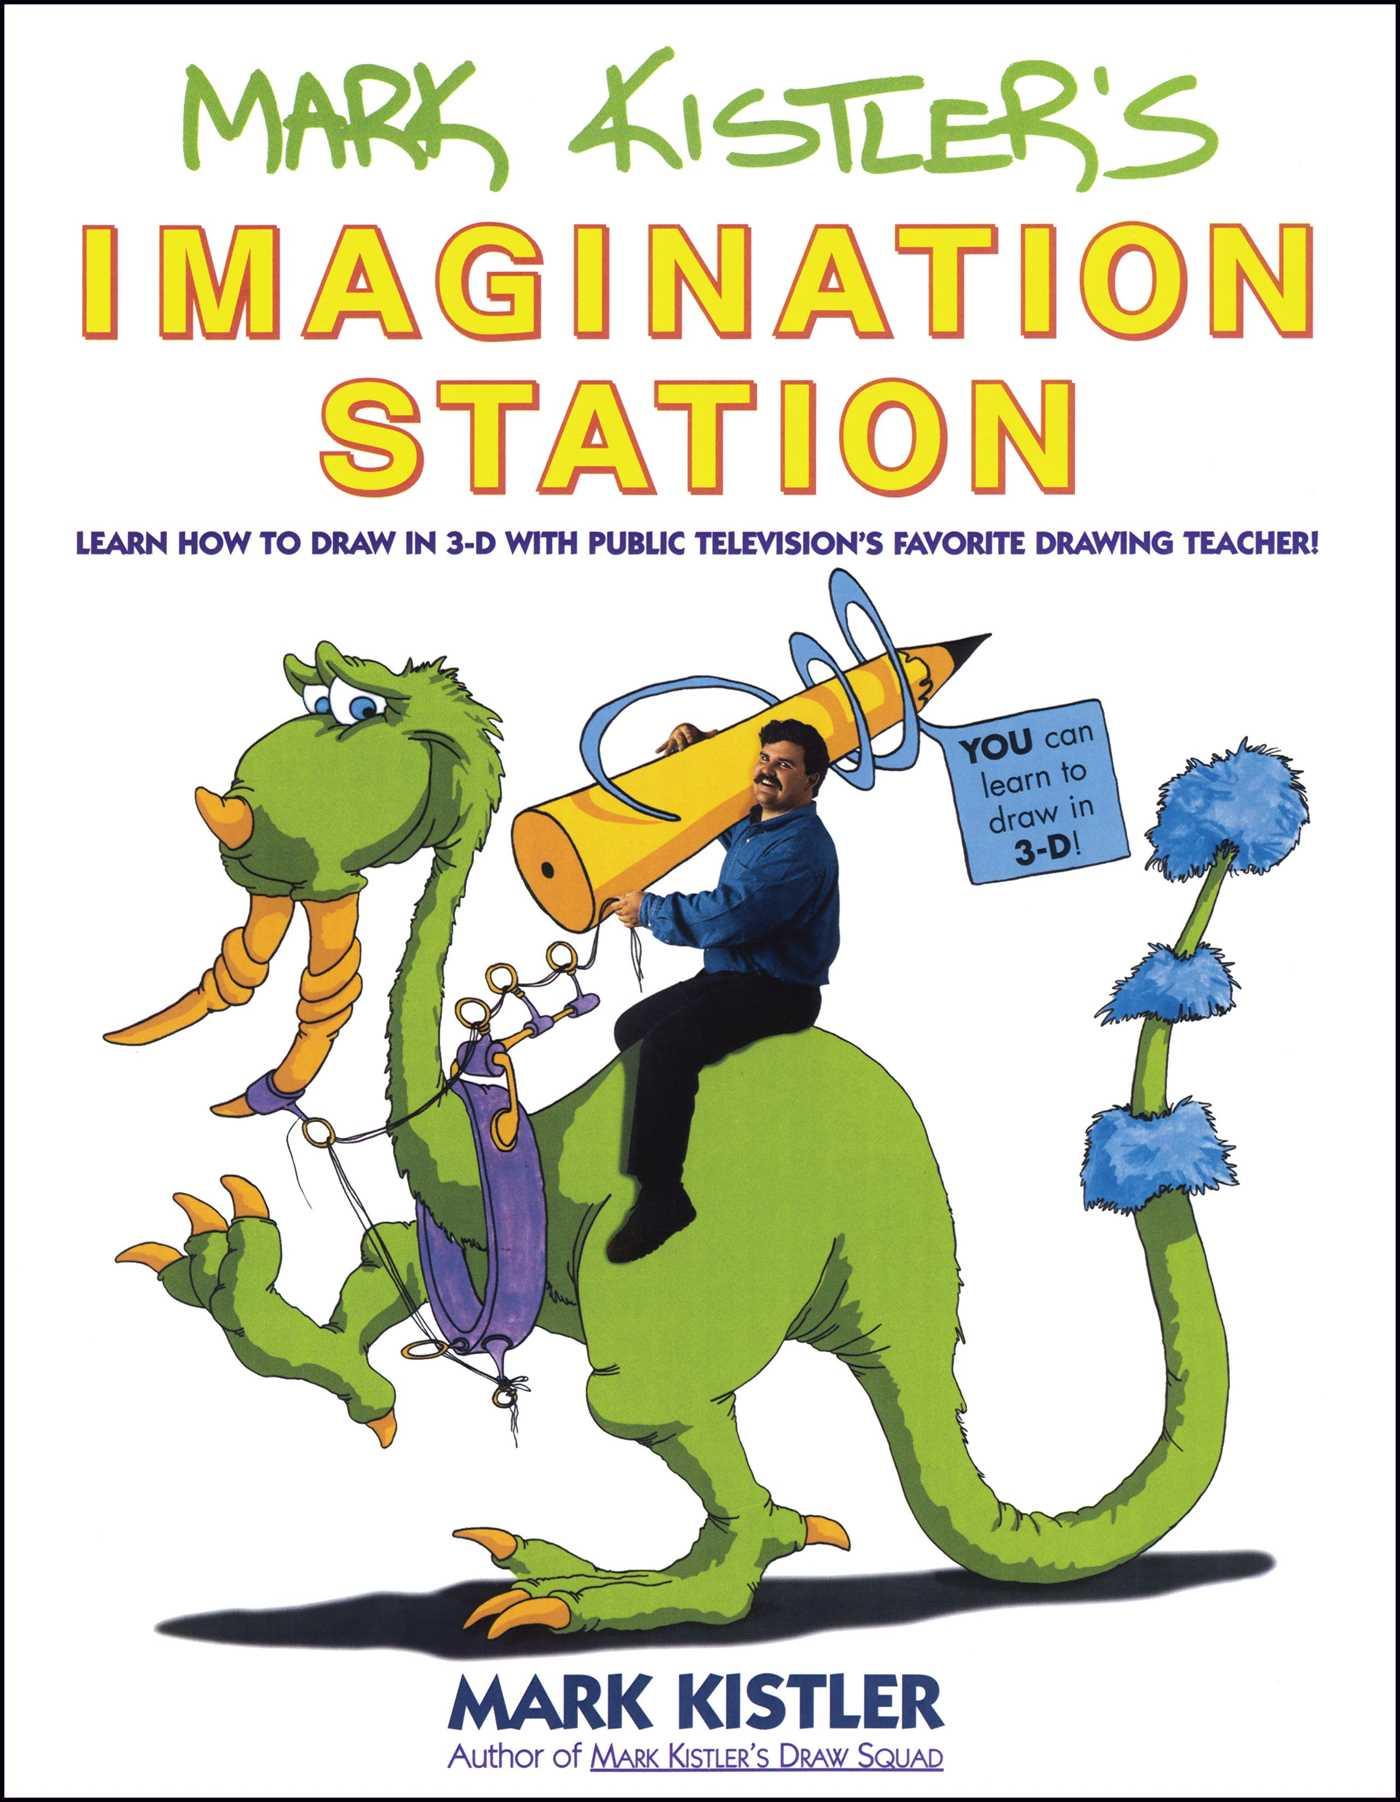 Mark kistlers imagination station 9780671500139 hr